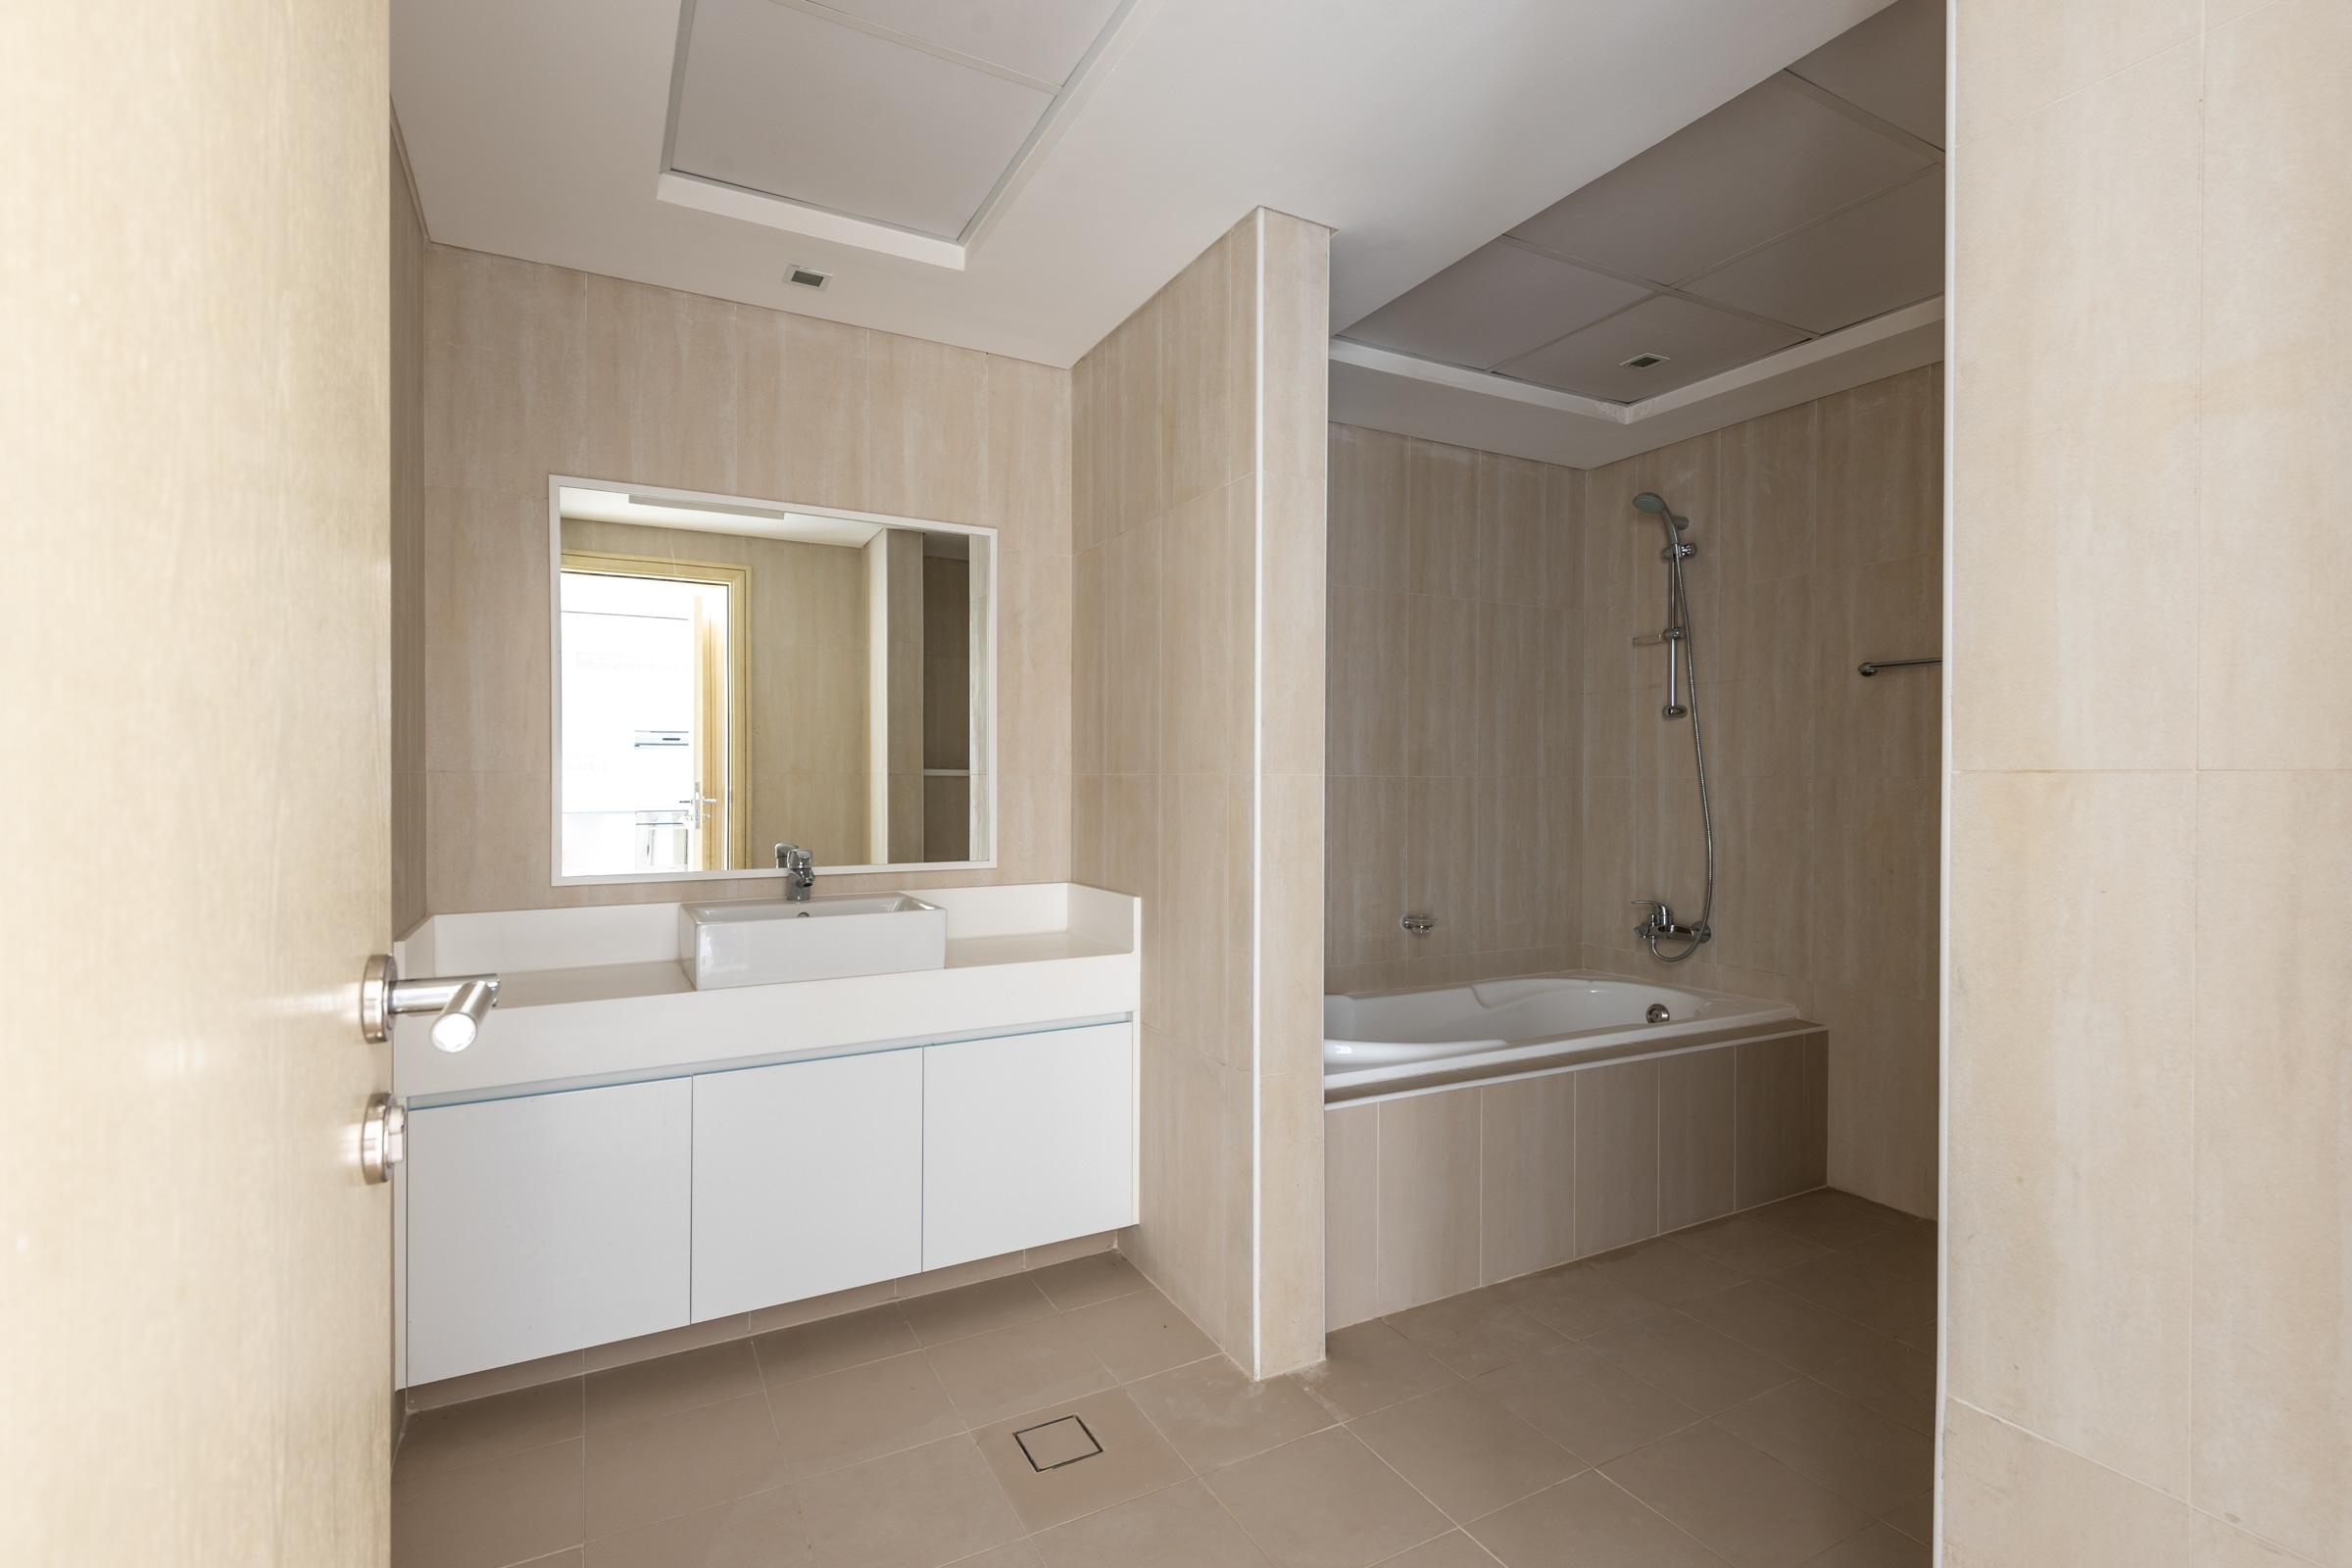 Sea View 1 Bedroom | JBR Walk | Private Beach